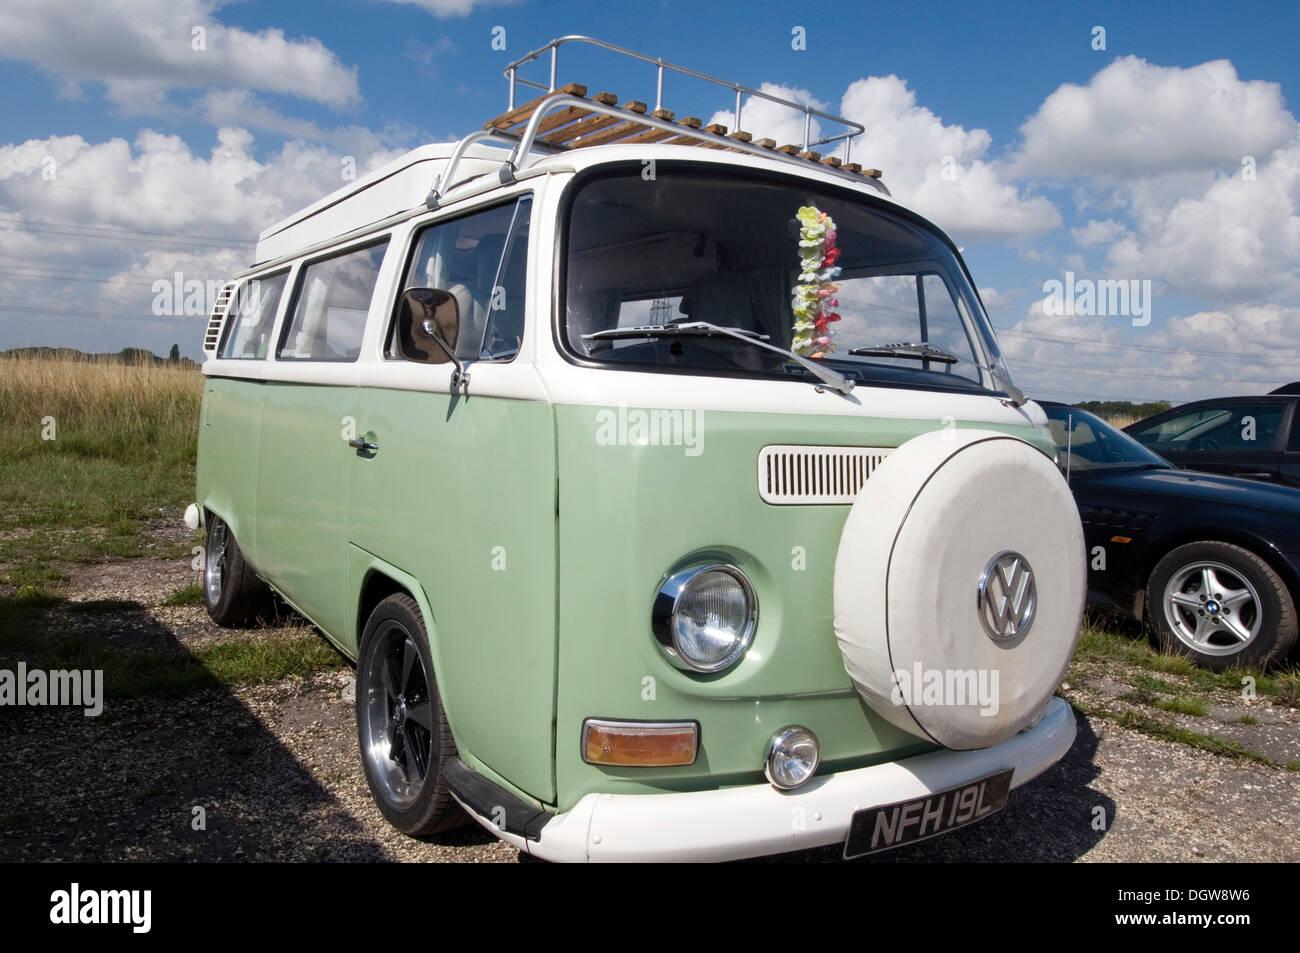 vw campervan campervans vans van camper vilkswagen bay window - Stock Image